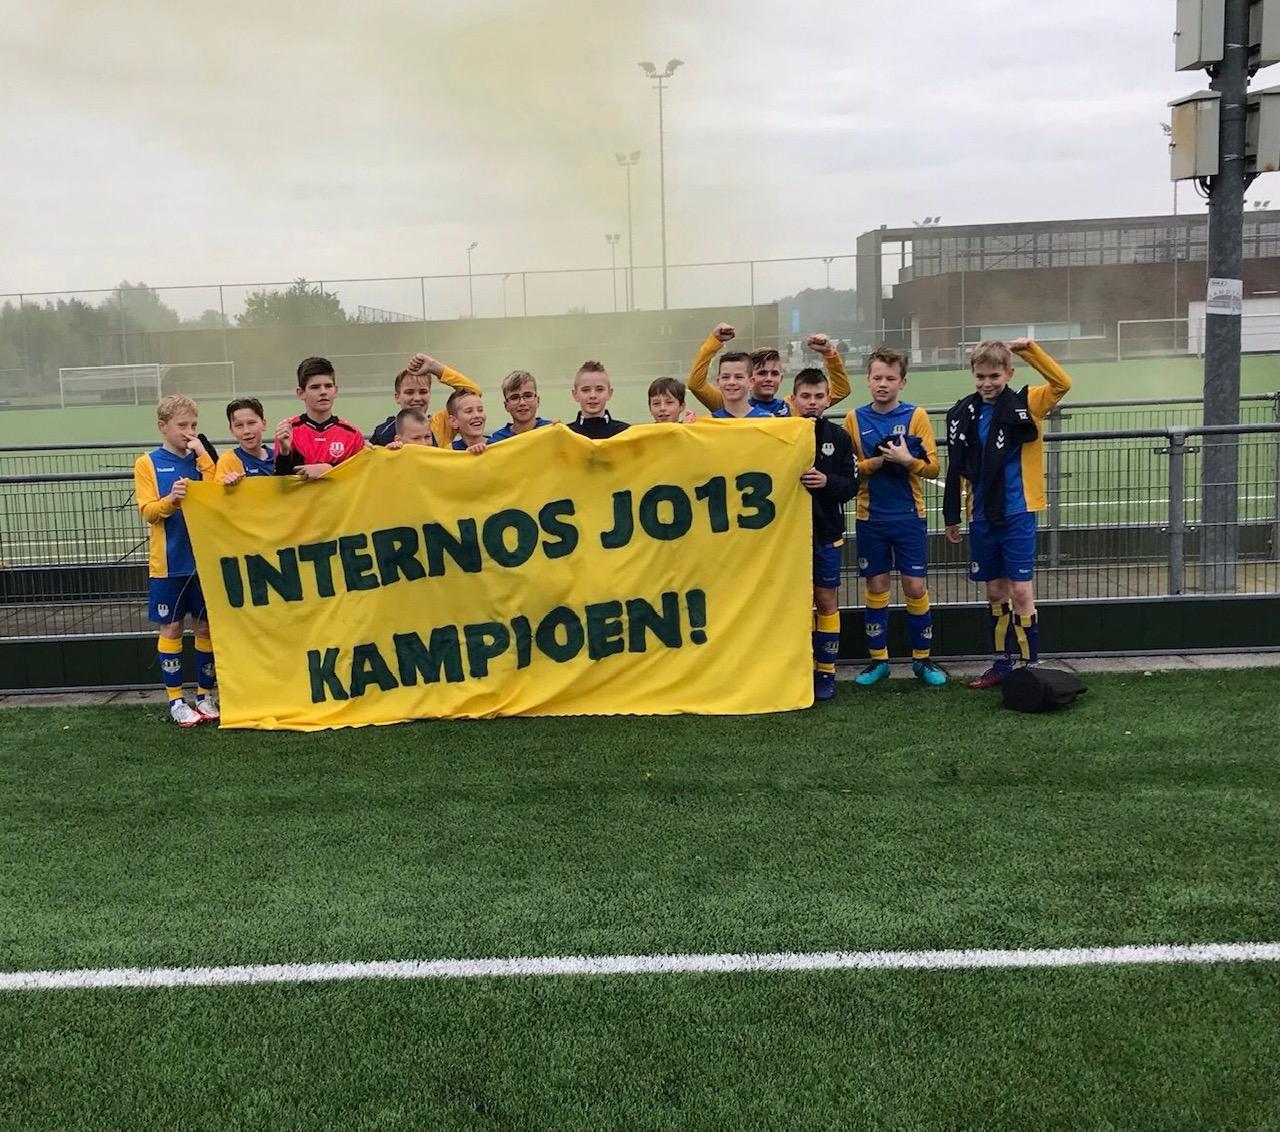 Internos JO13-1 ongeslagen kampioen